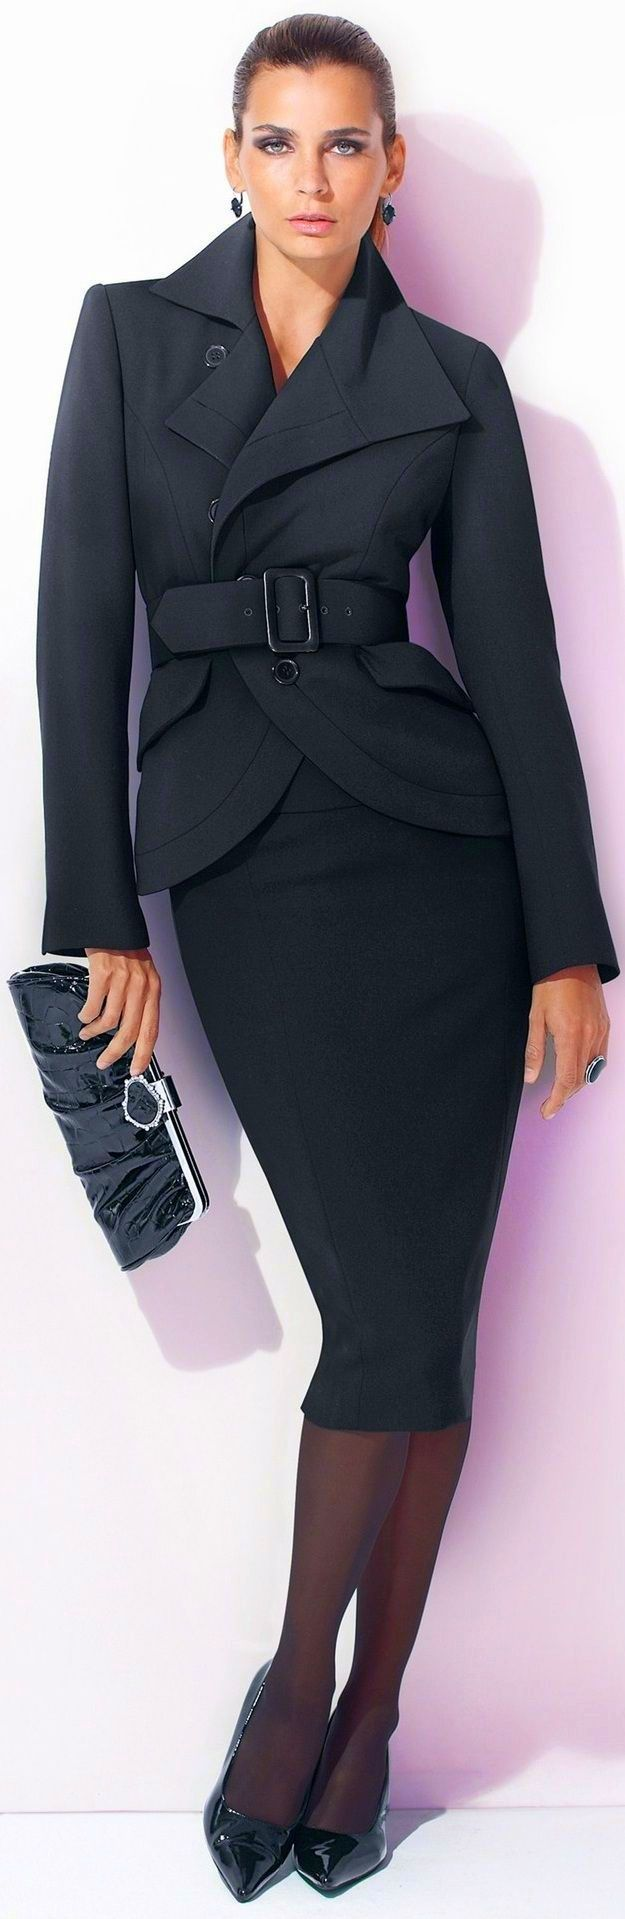 17 best images about interview fashion for her zakelijk zwart en alleen een donkere winter staat echt mooi in helemaal zwart women s suit